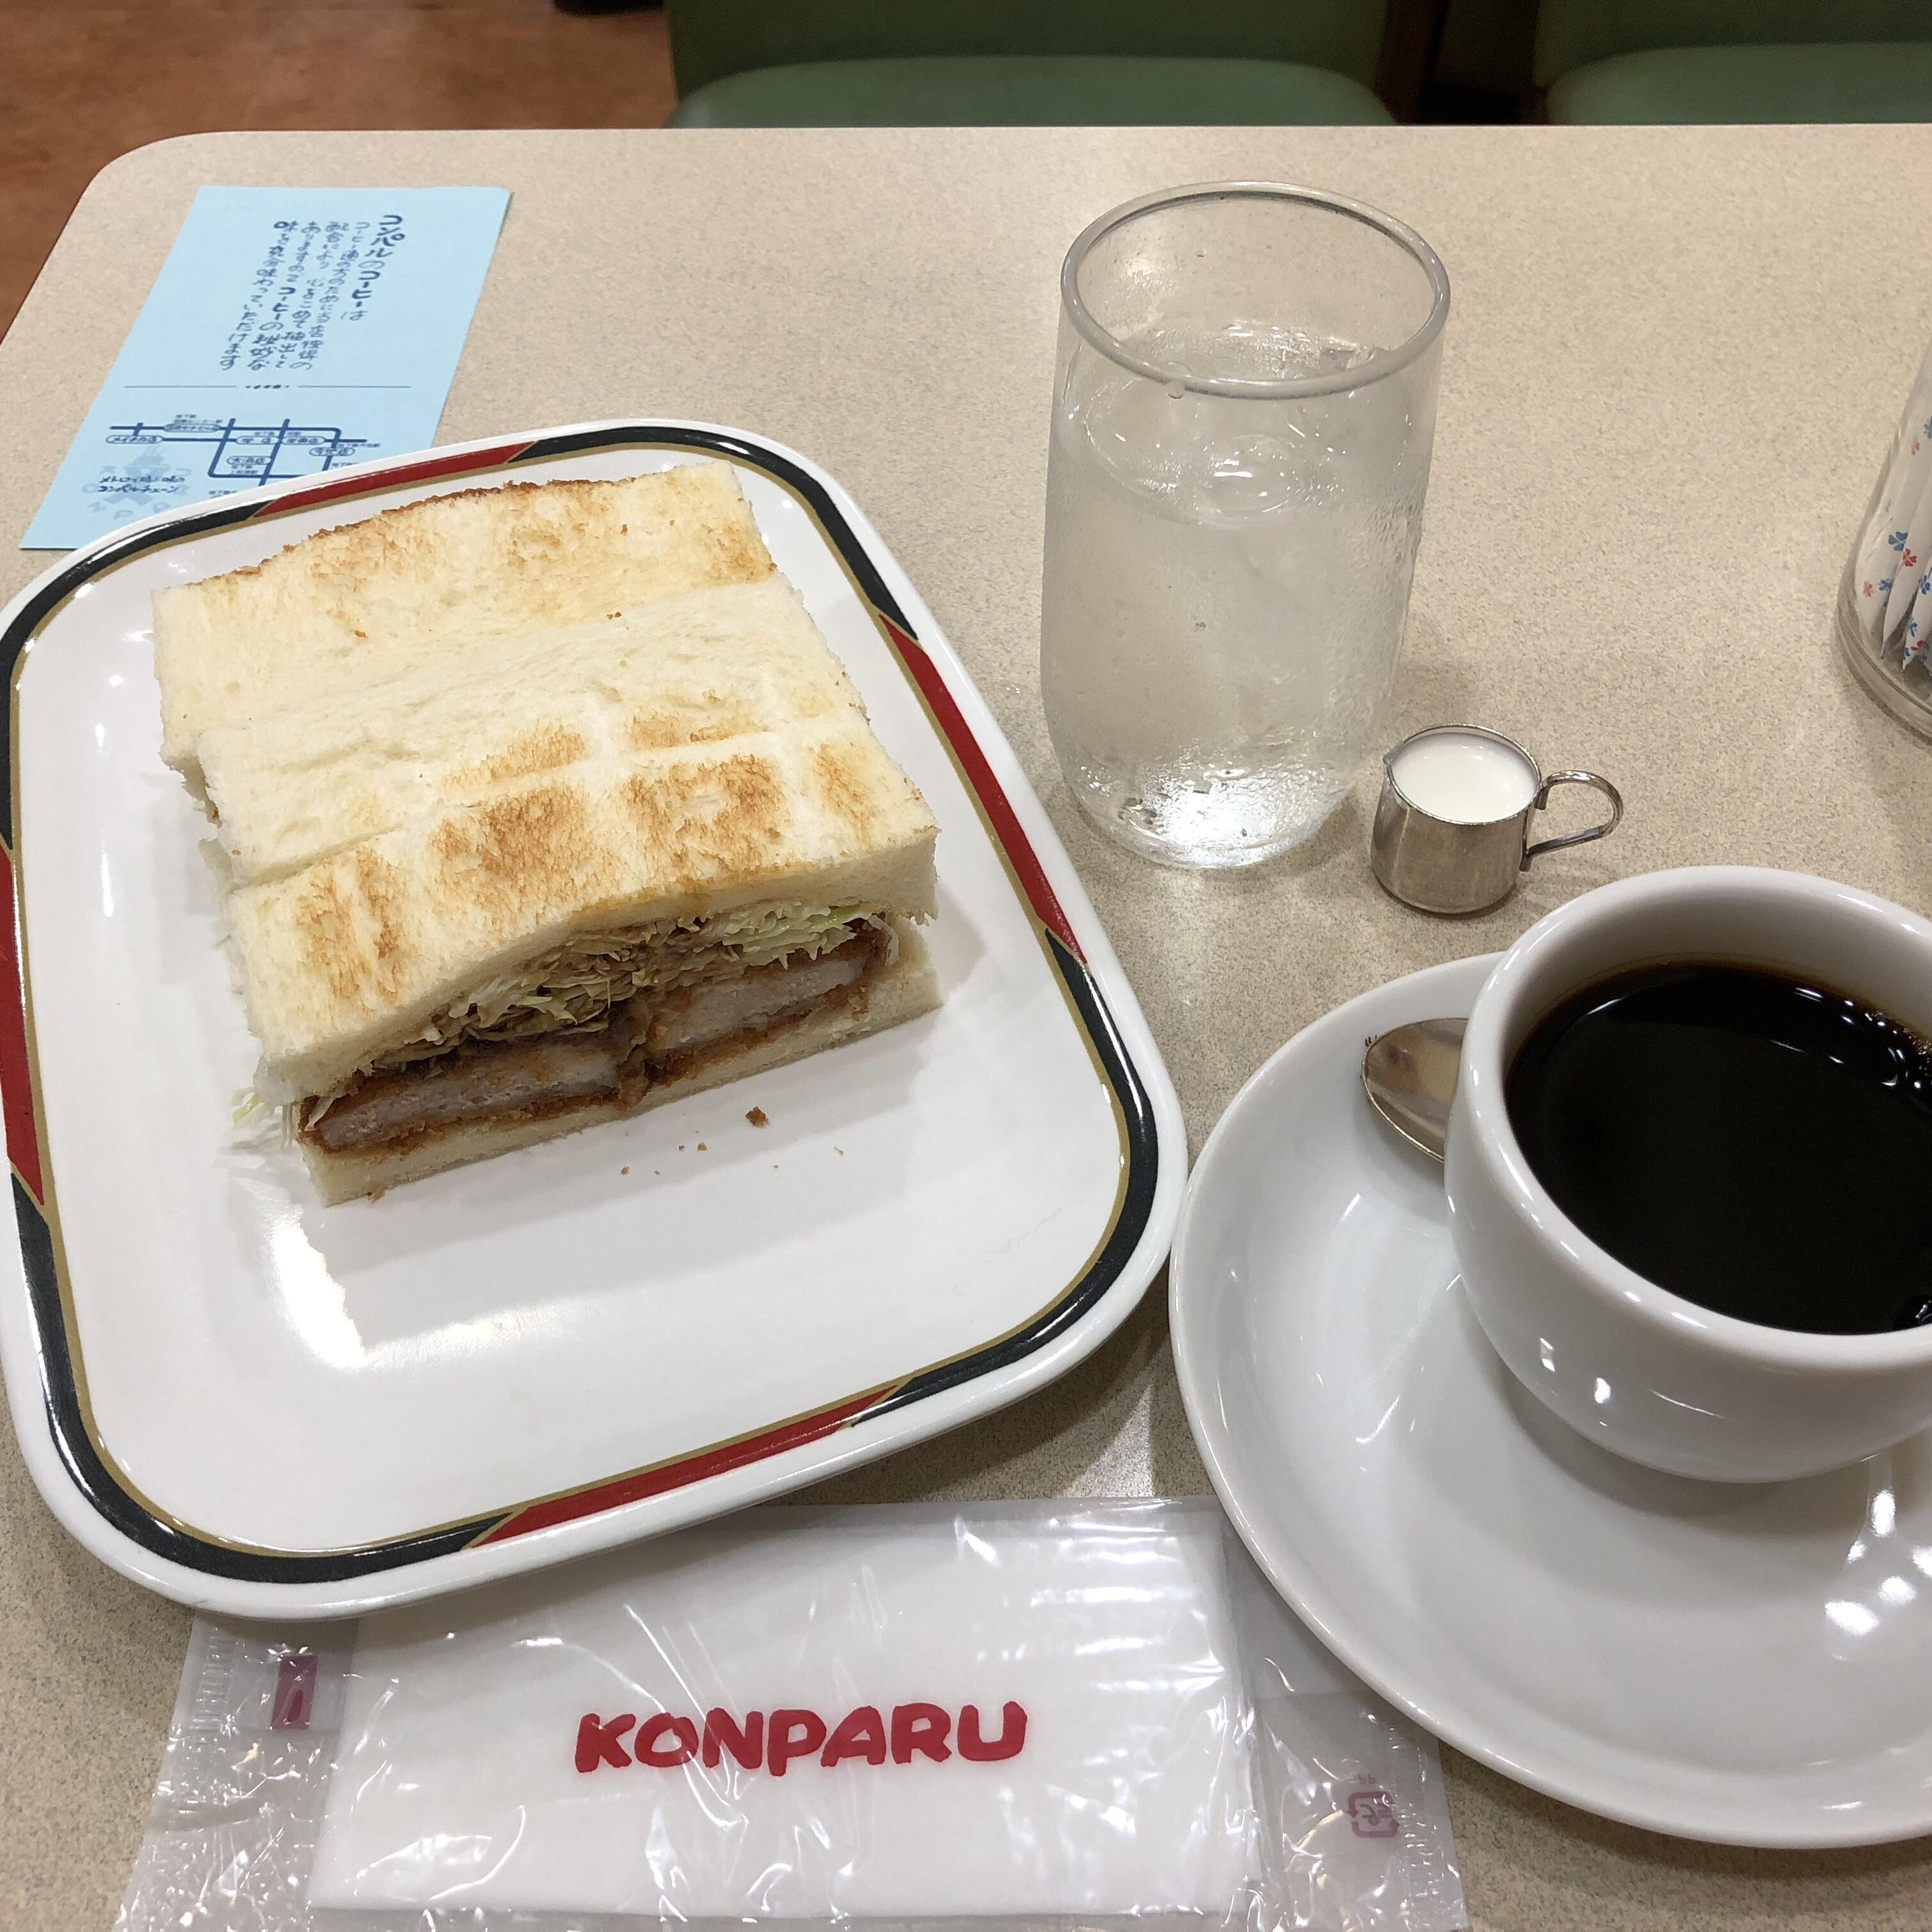 愛知県名古屋市のおすすめランチ エビフライサンドが有名だけどカツサンドも絶品なコンパル